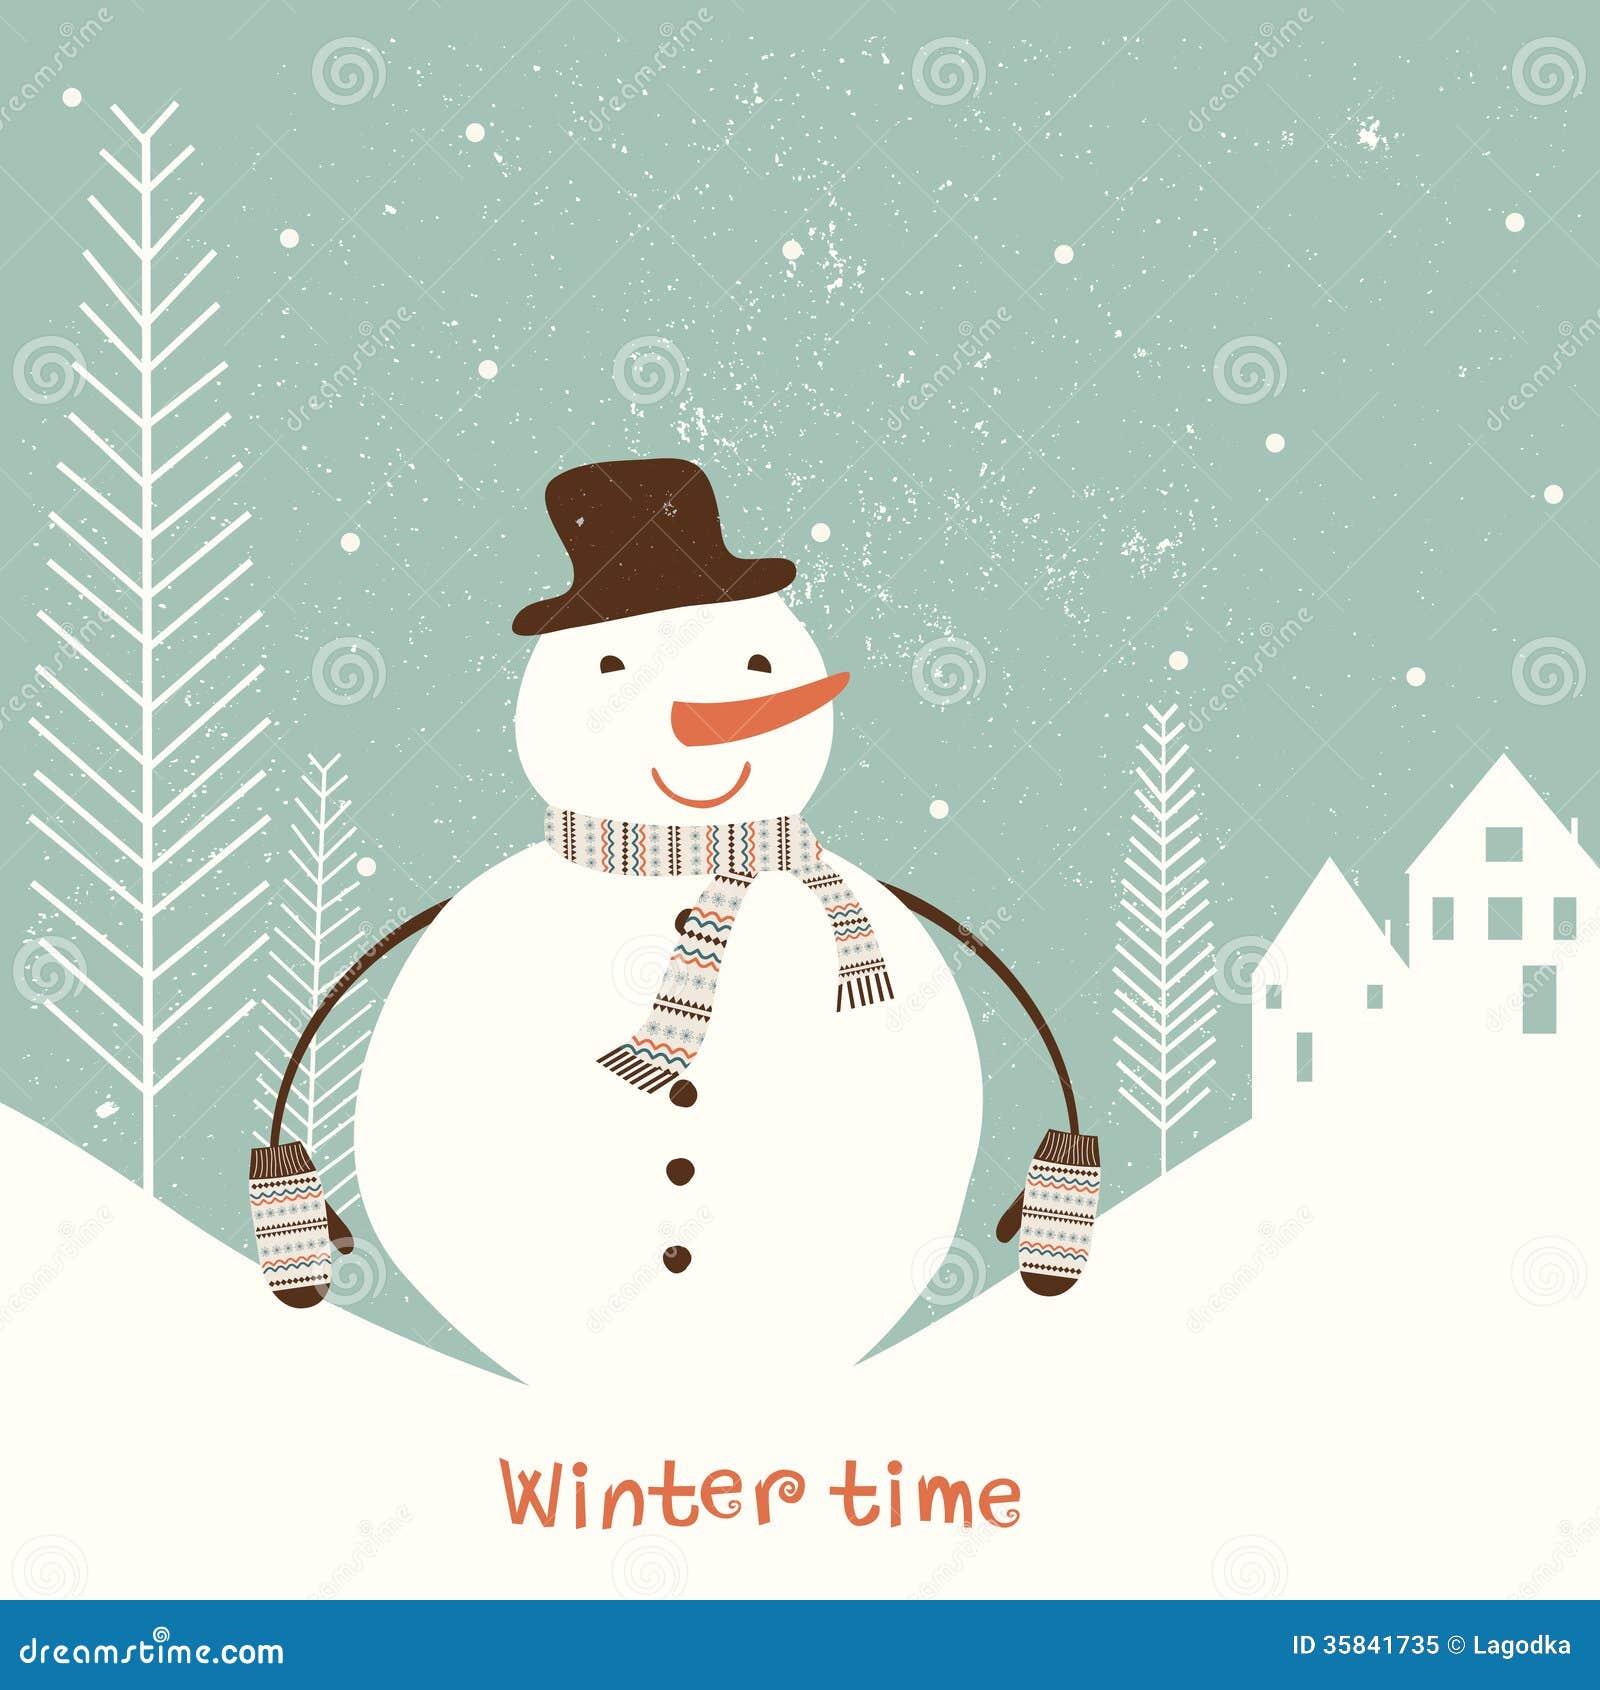 Kerstkaart met sneeuwman.